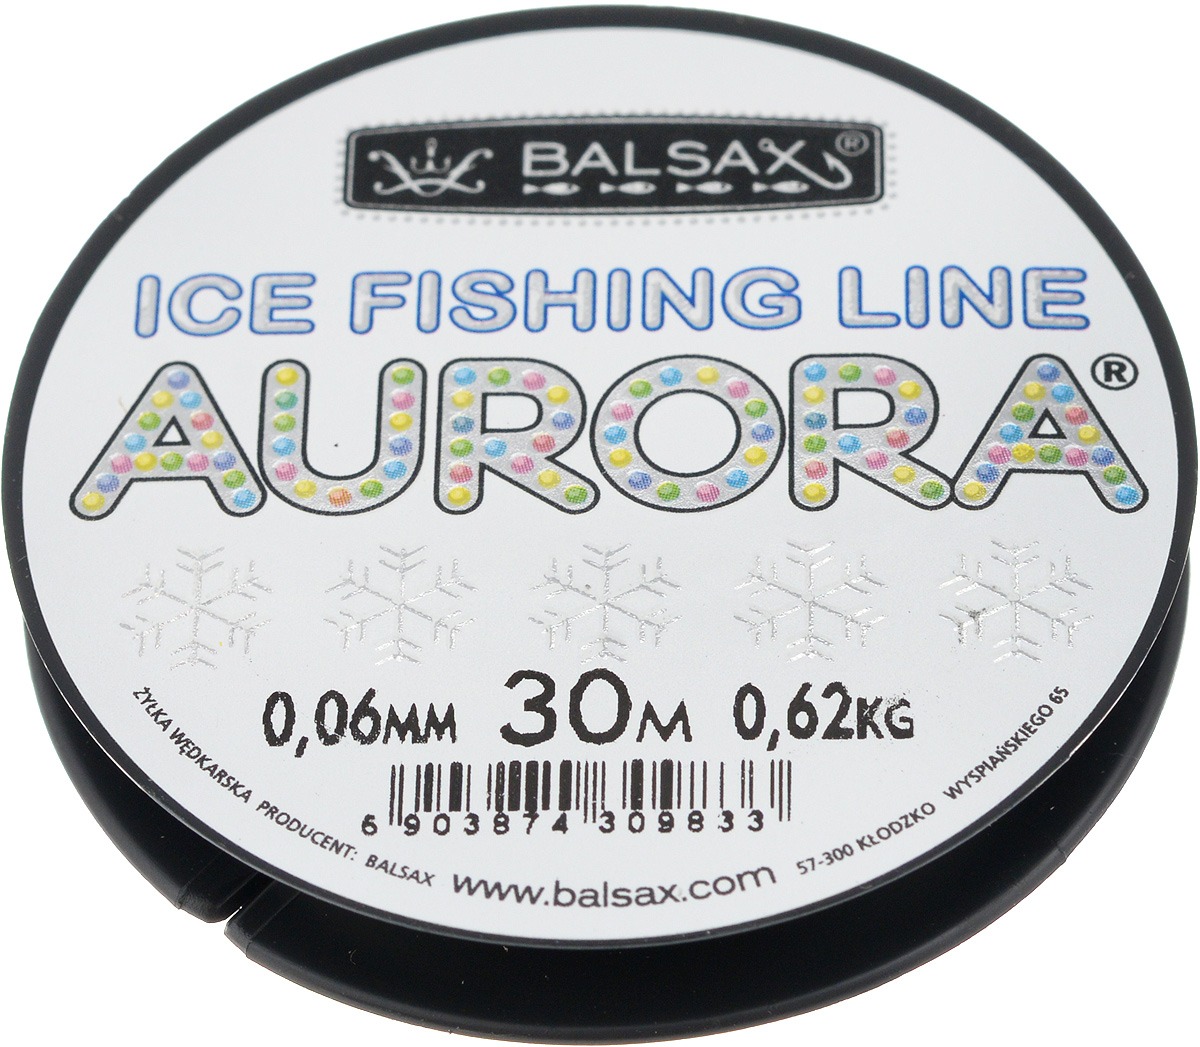 Леска зимняя Balsax Aurora, 30 м, 0,06 мм, 0,62 кг1232630Леска Balsax Aurora изготовлена из 100% нейлона и очень хорошо выдерживает низкие температуры. Даже в самом холодном климате, при температуре вплоть до -40°C, она сохраняет свои свойства практически без изменений, в то время как традиционные лески становятся менее эластичными и теряют прочность.Поверхность лески обработана таким образом, что она не обмерзает и отлично подходит для подледного лова. Прочна в местах вязки узлов даже при минимальном диаметре.